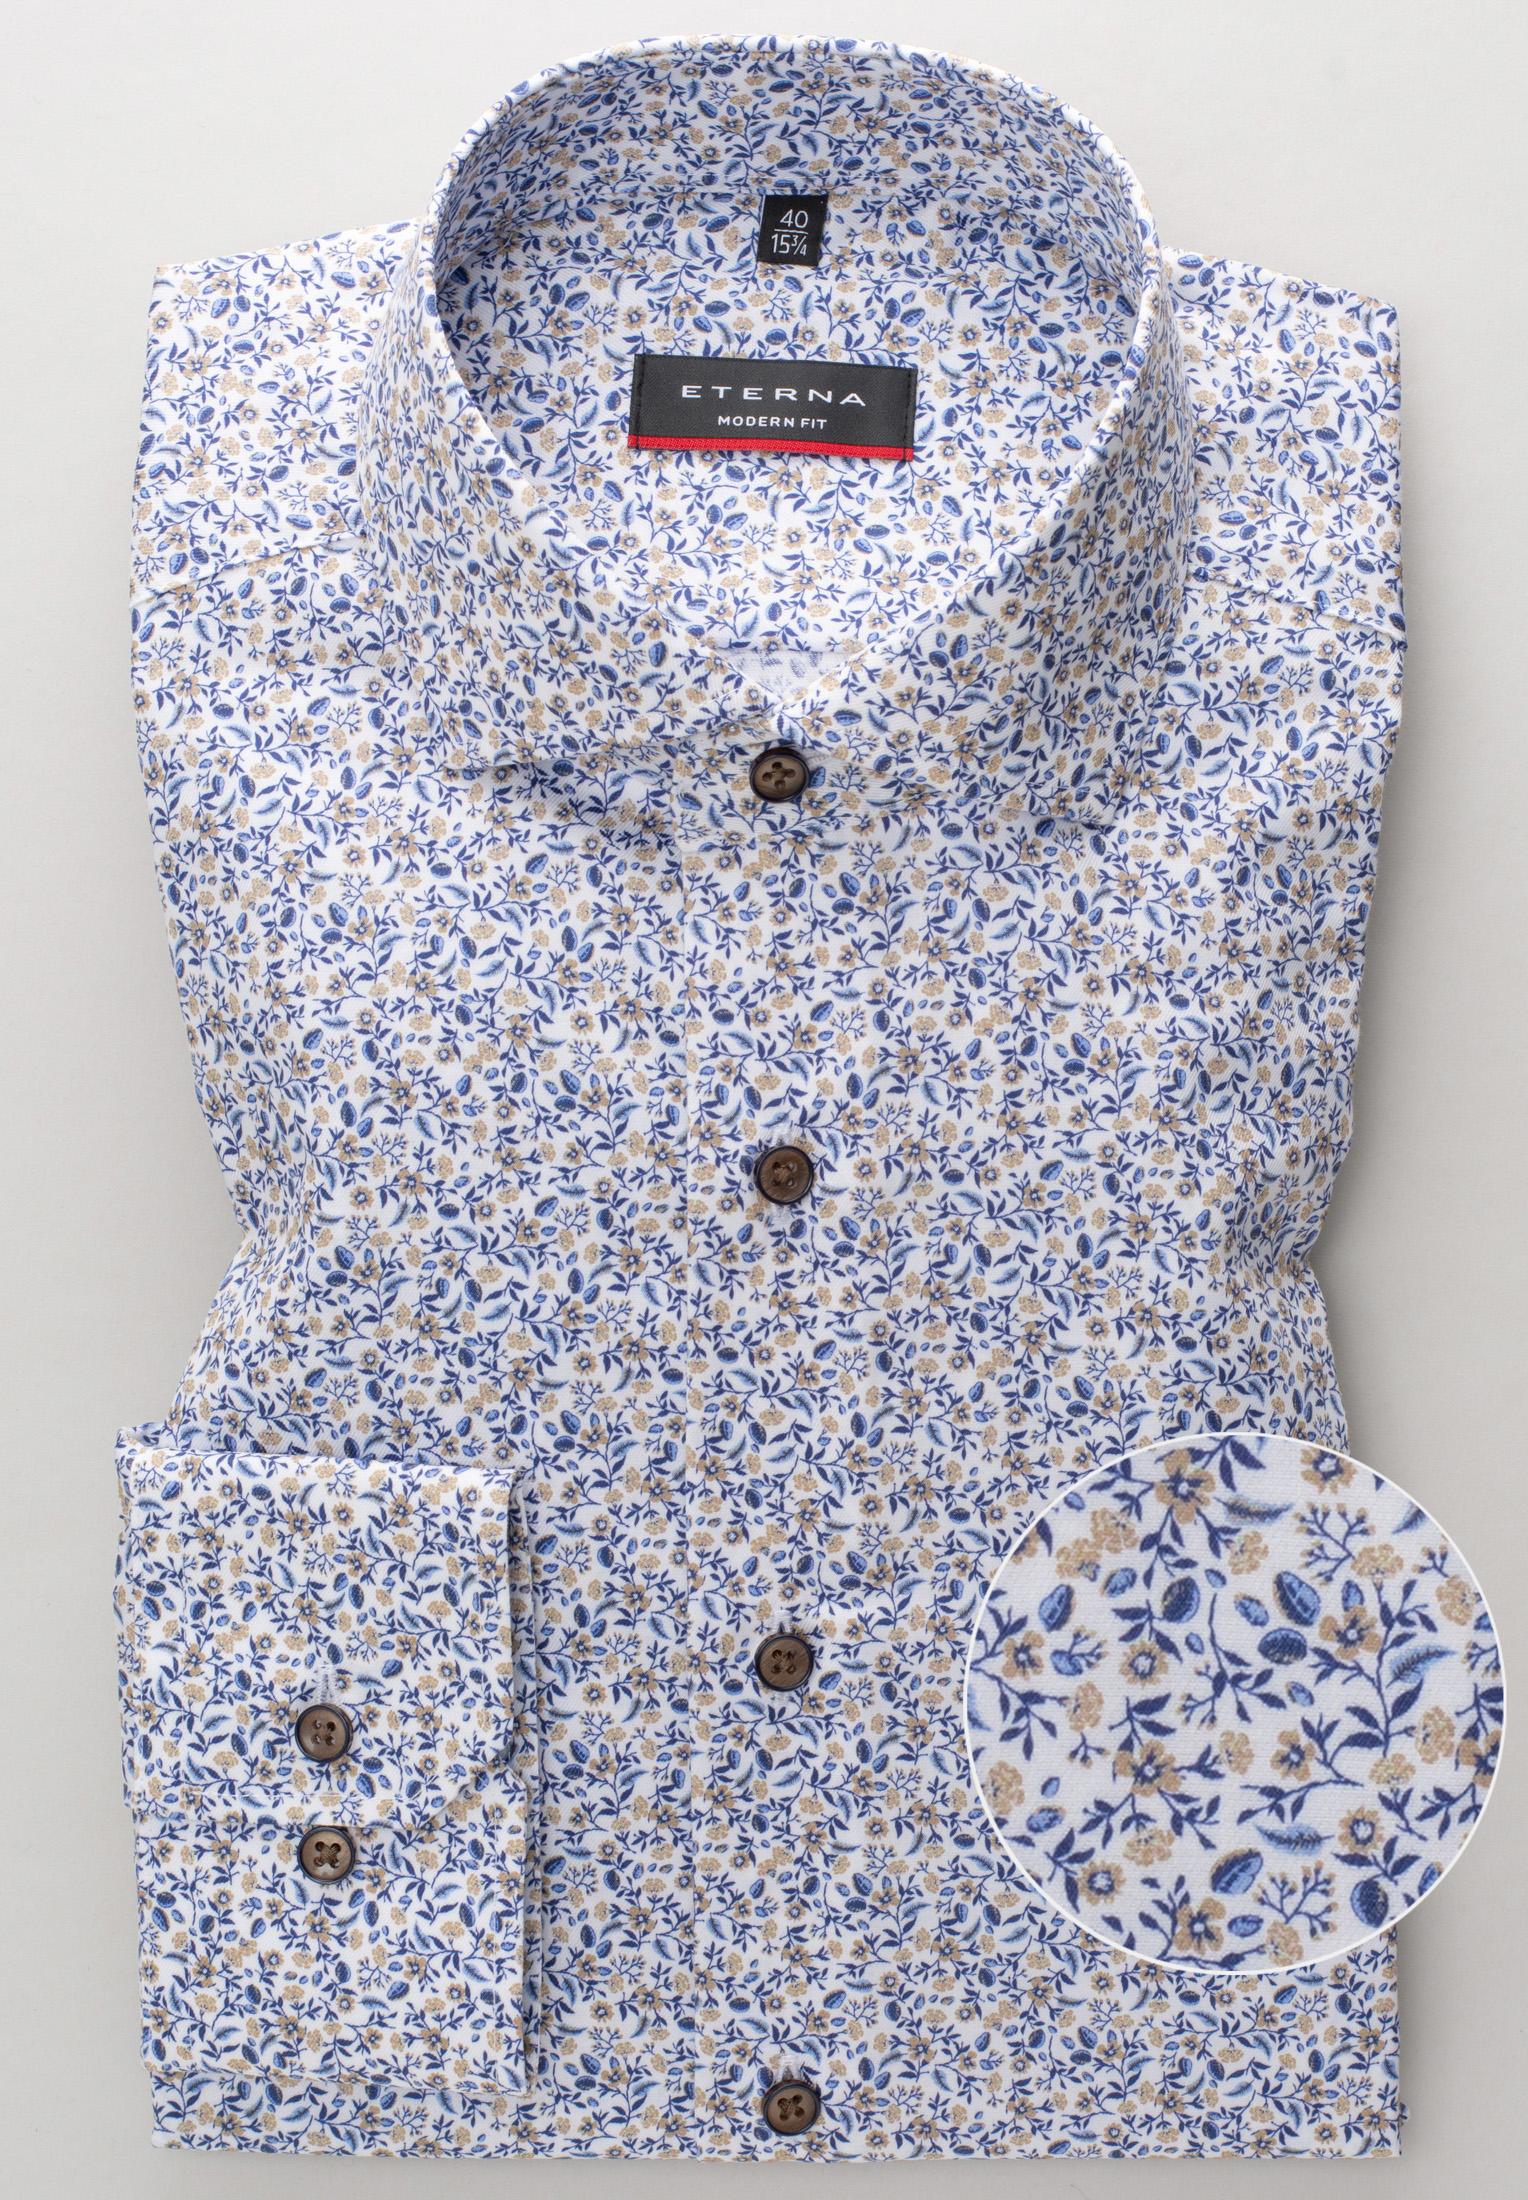 ETERNA 3423 Hemd Baumwolle beige/blau Langarm